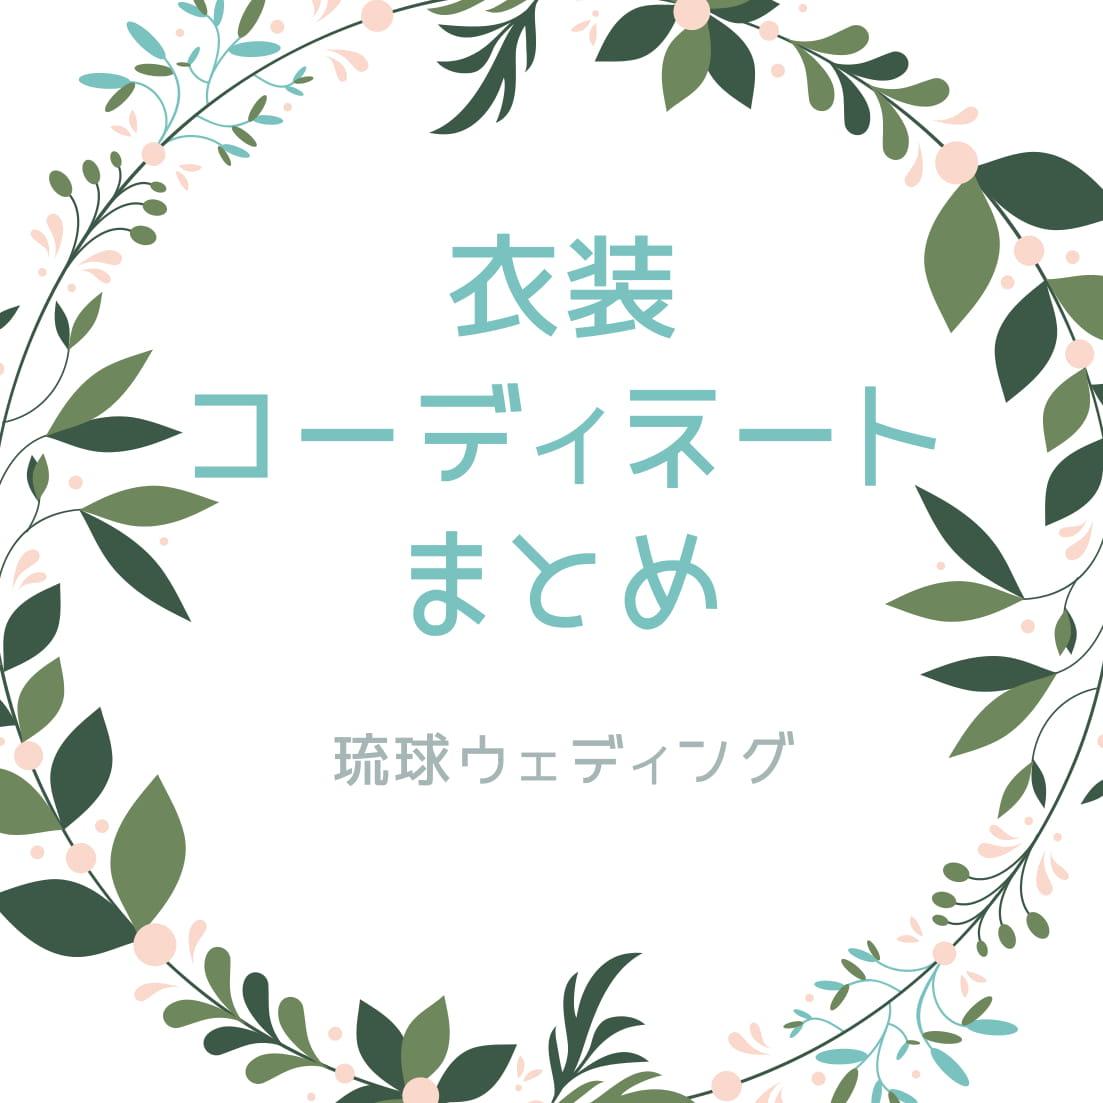 【まとめ】衣装コーディネート特集☆